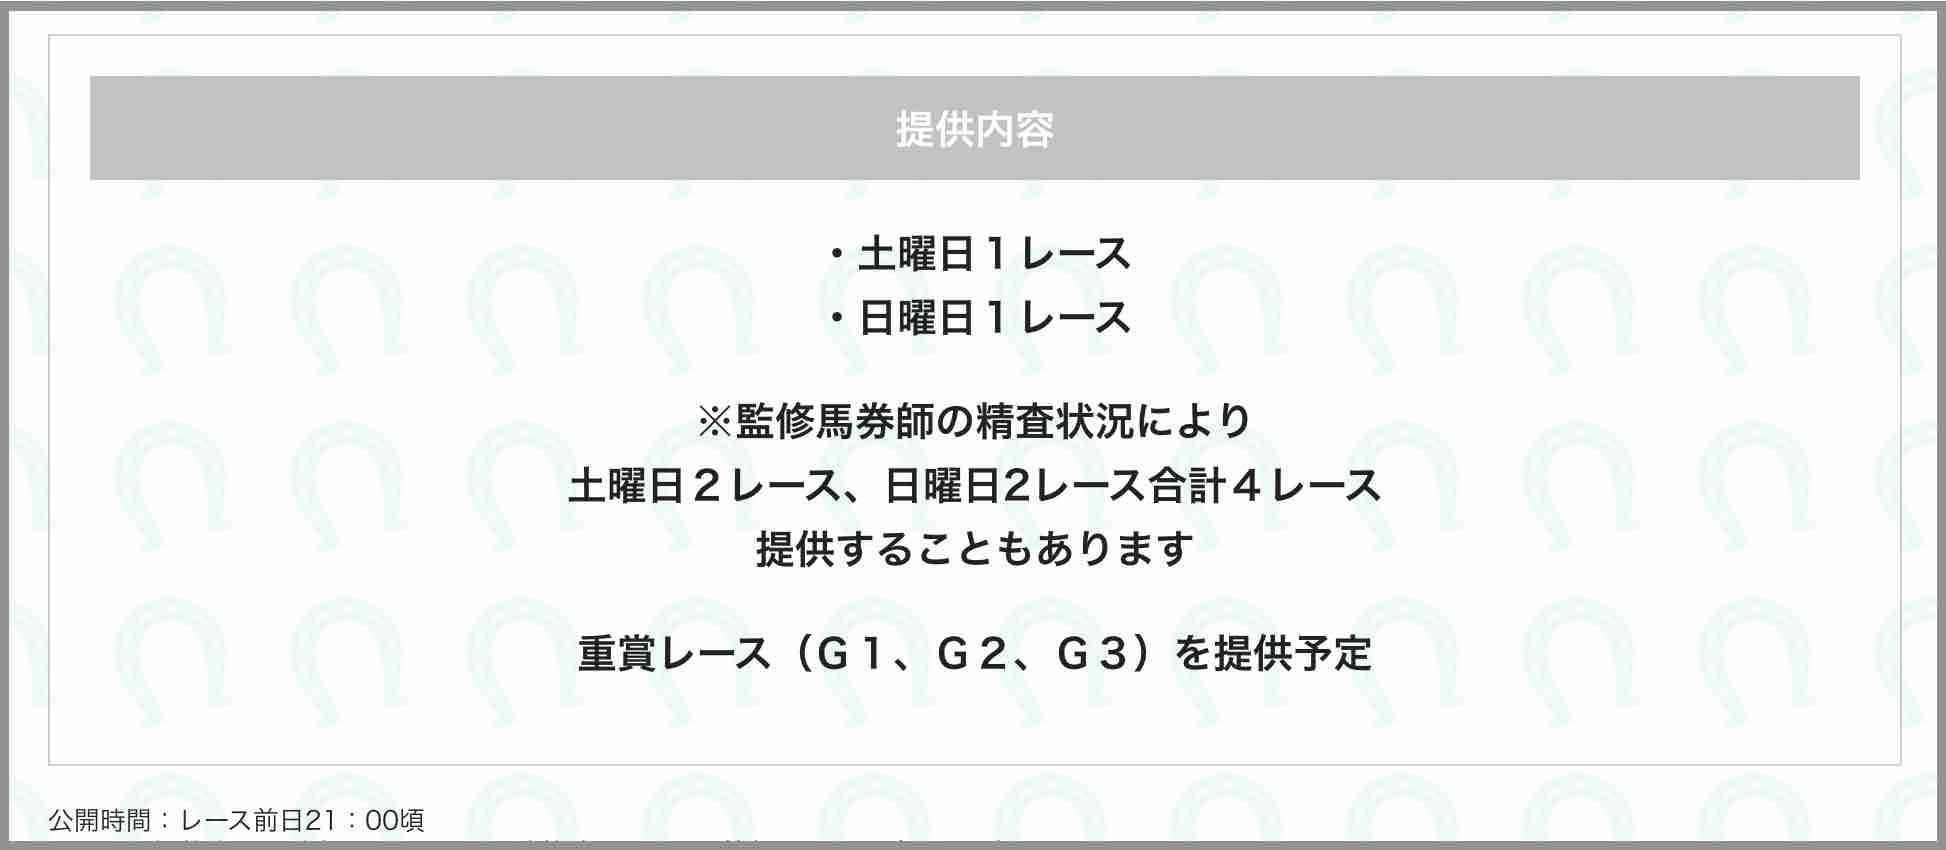 うまっぷという競馬予想サイトの無料予想(無料情報)